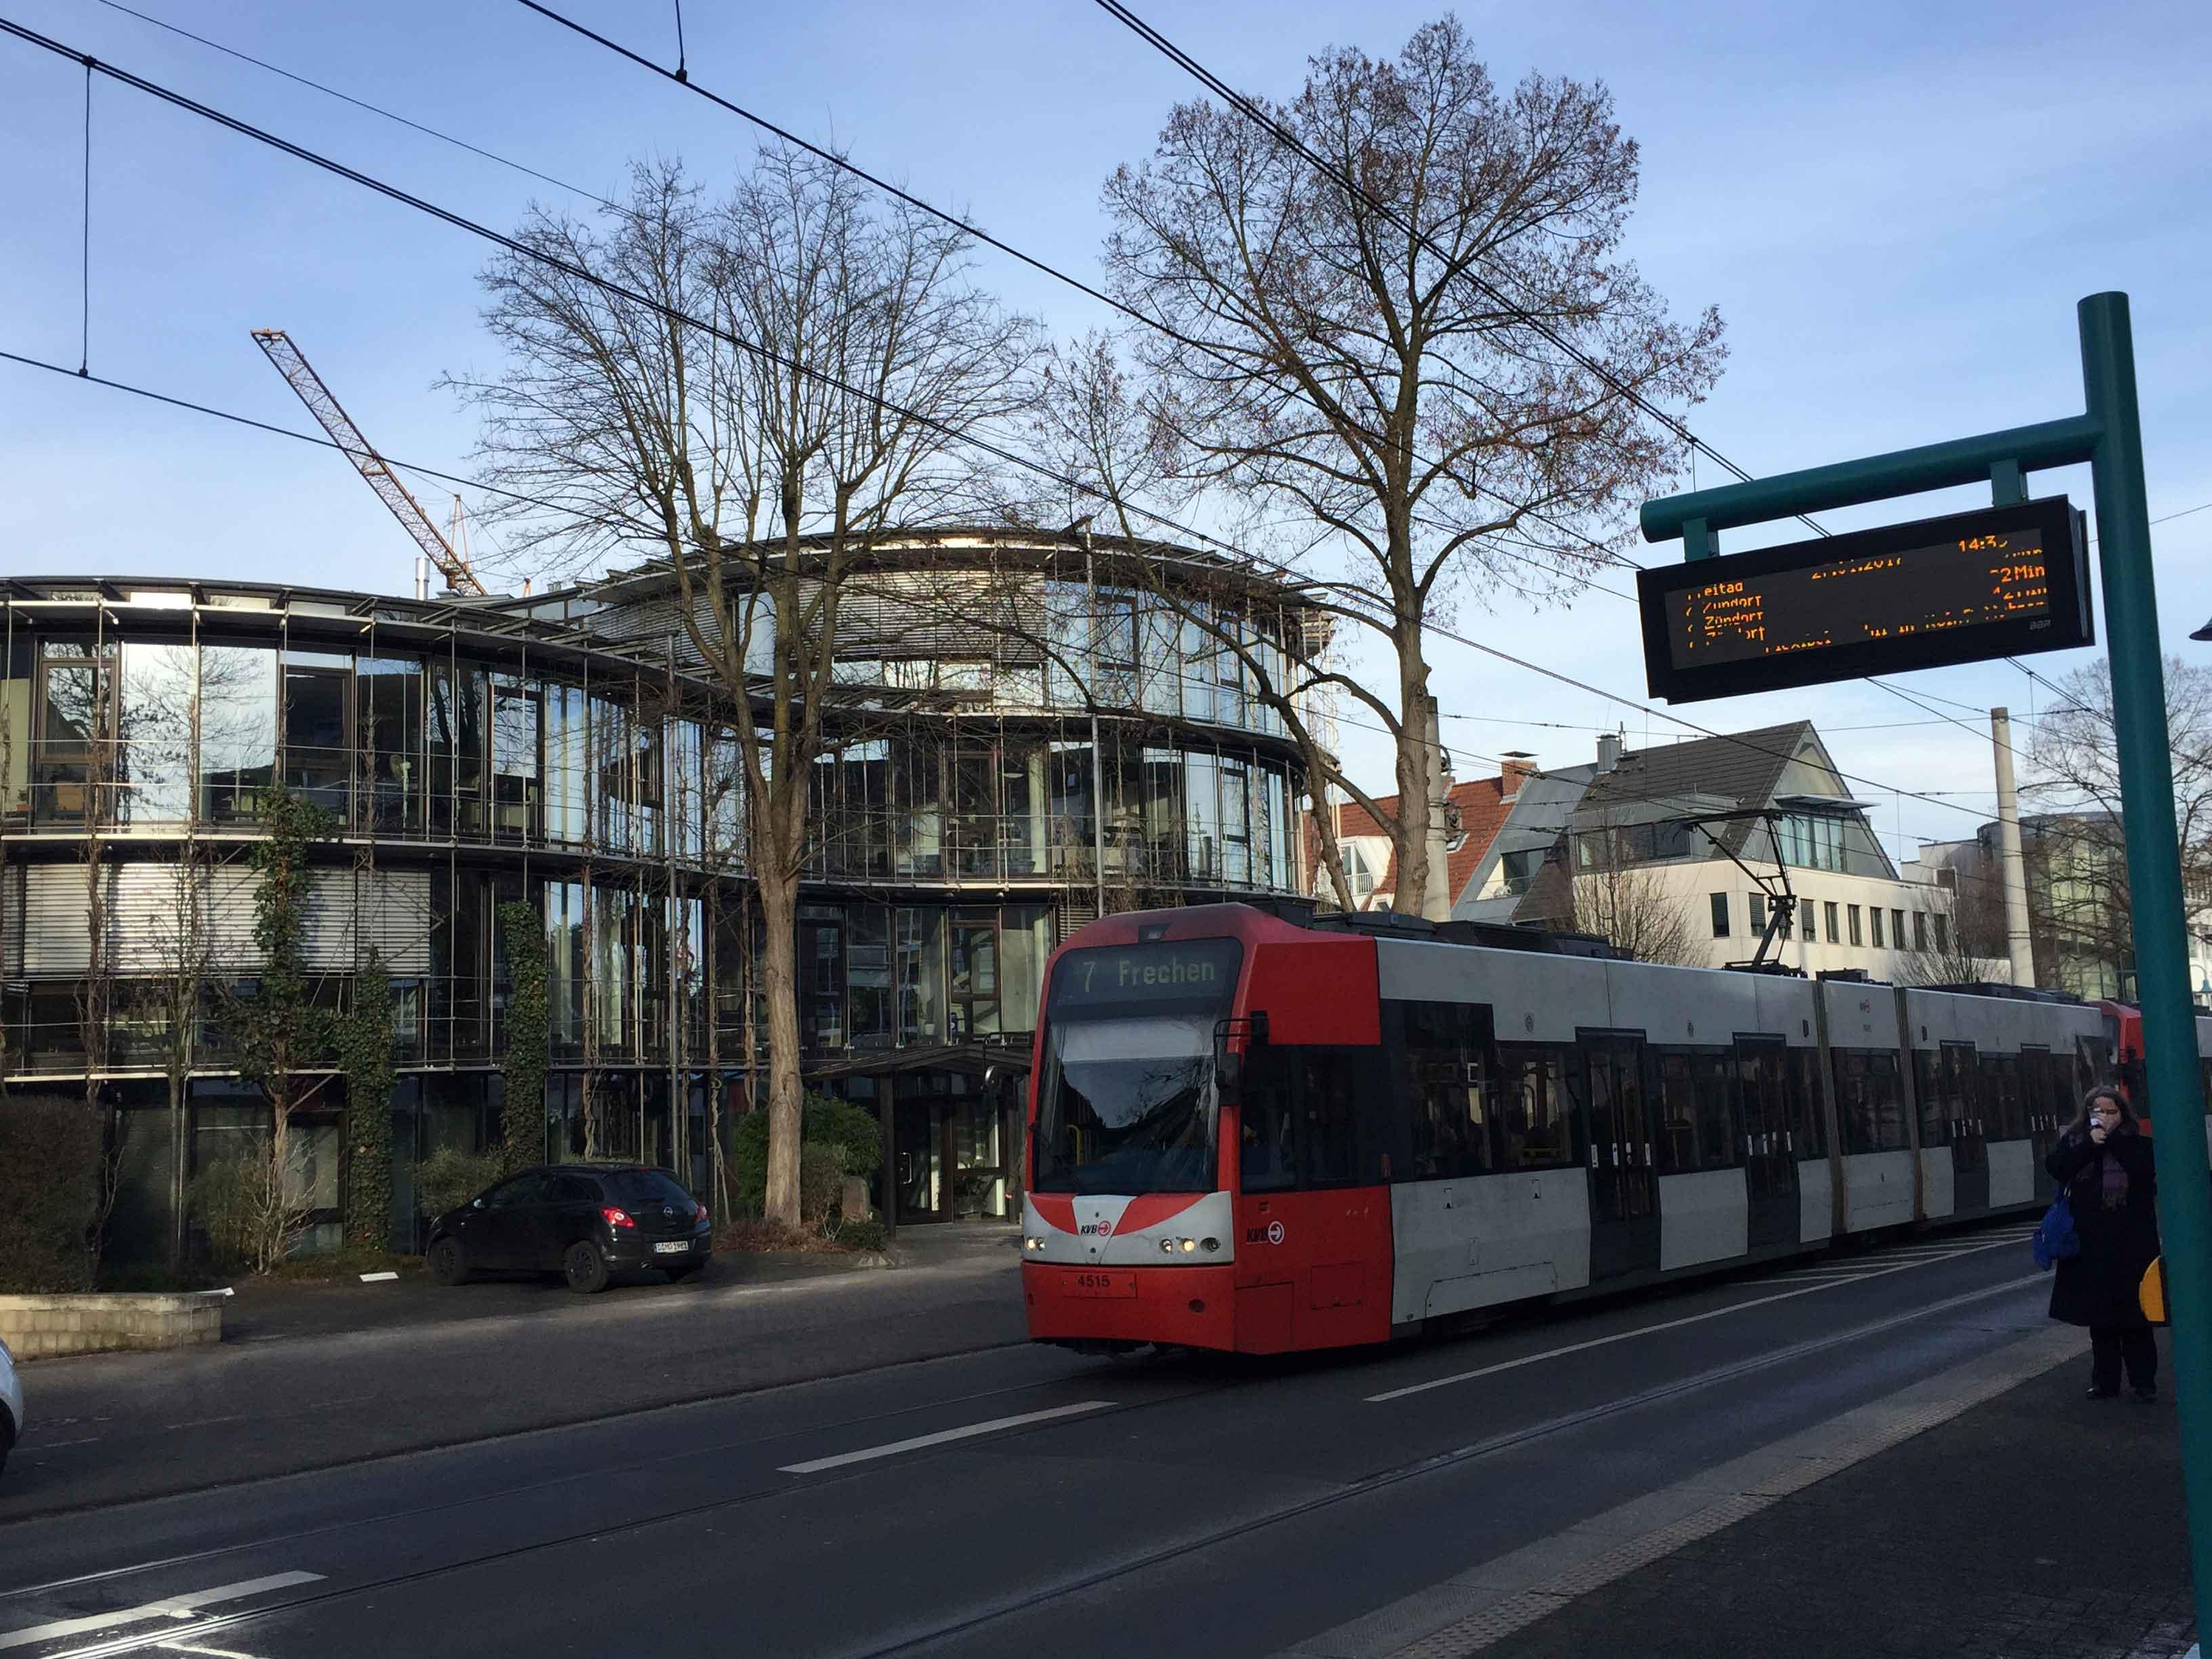 Auf ihrem Linienweg binden die Stadtbahnen der Linie 7 zahlreiche Wohn- und Arbeitsstätten an, wie hier auf der Dürener Straße in Köln-Lindenthal.